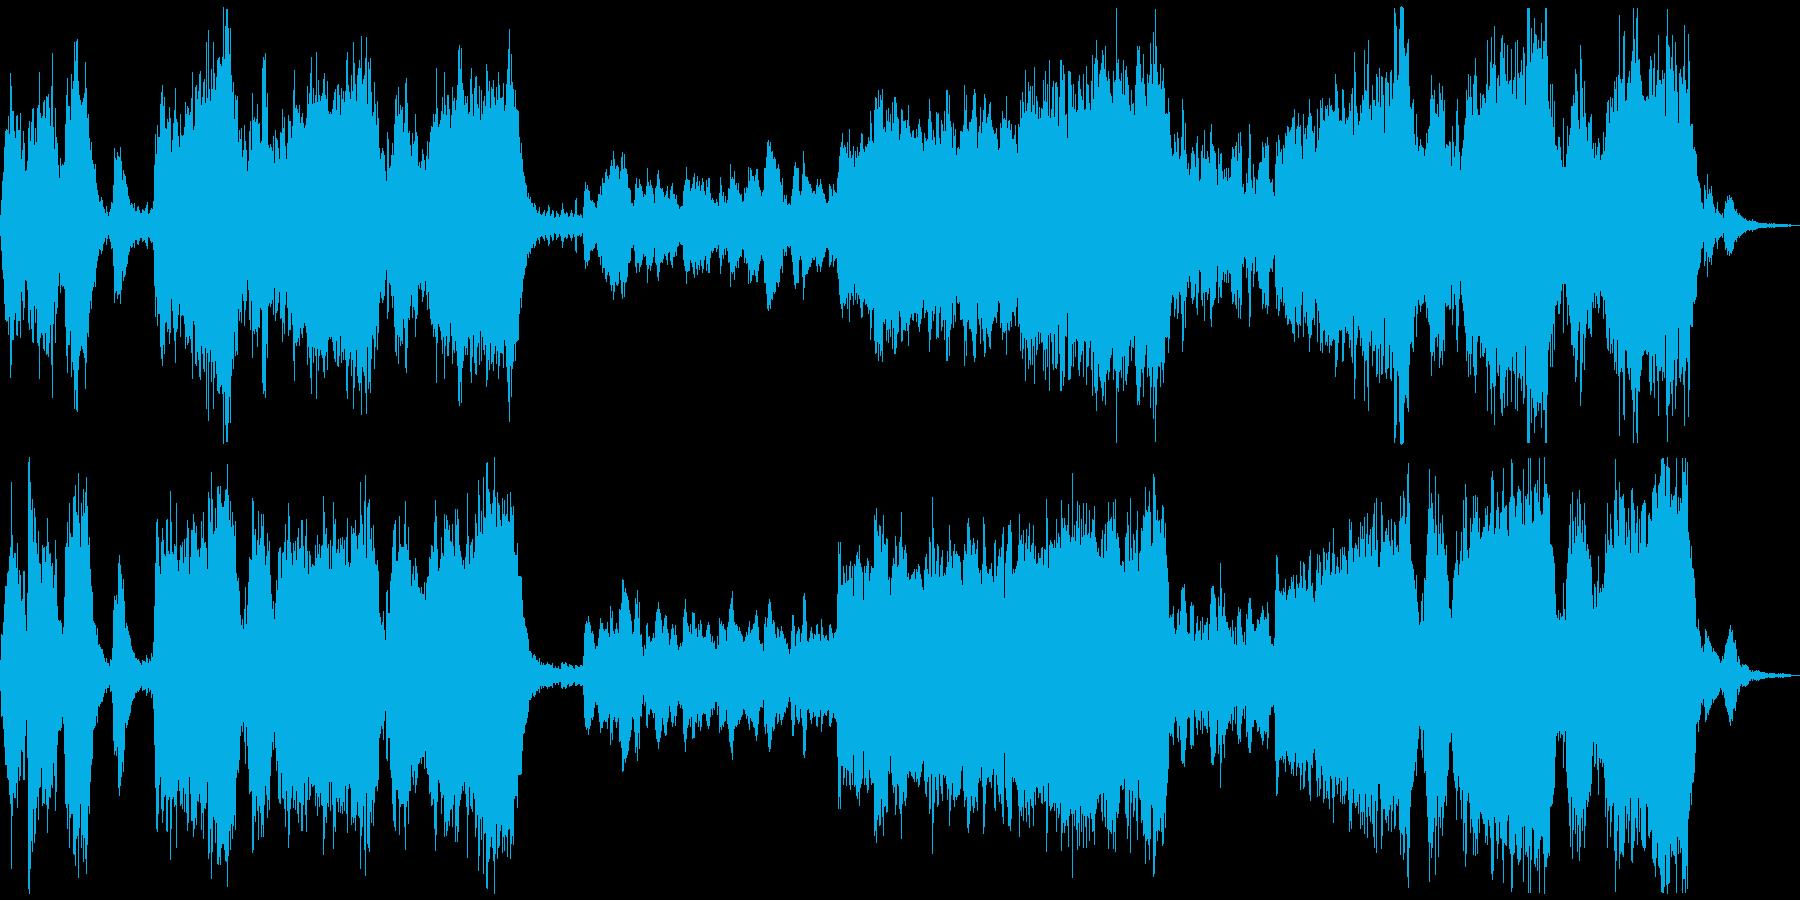 どたばたと大騒ぎするアップテンポな曲の再生済みの波形